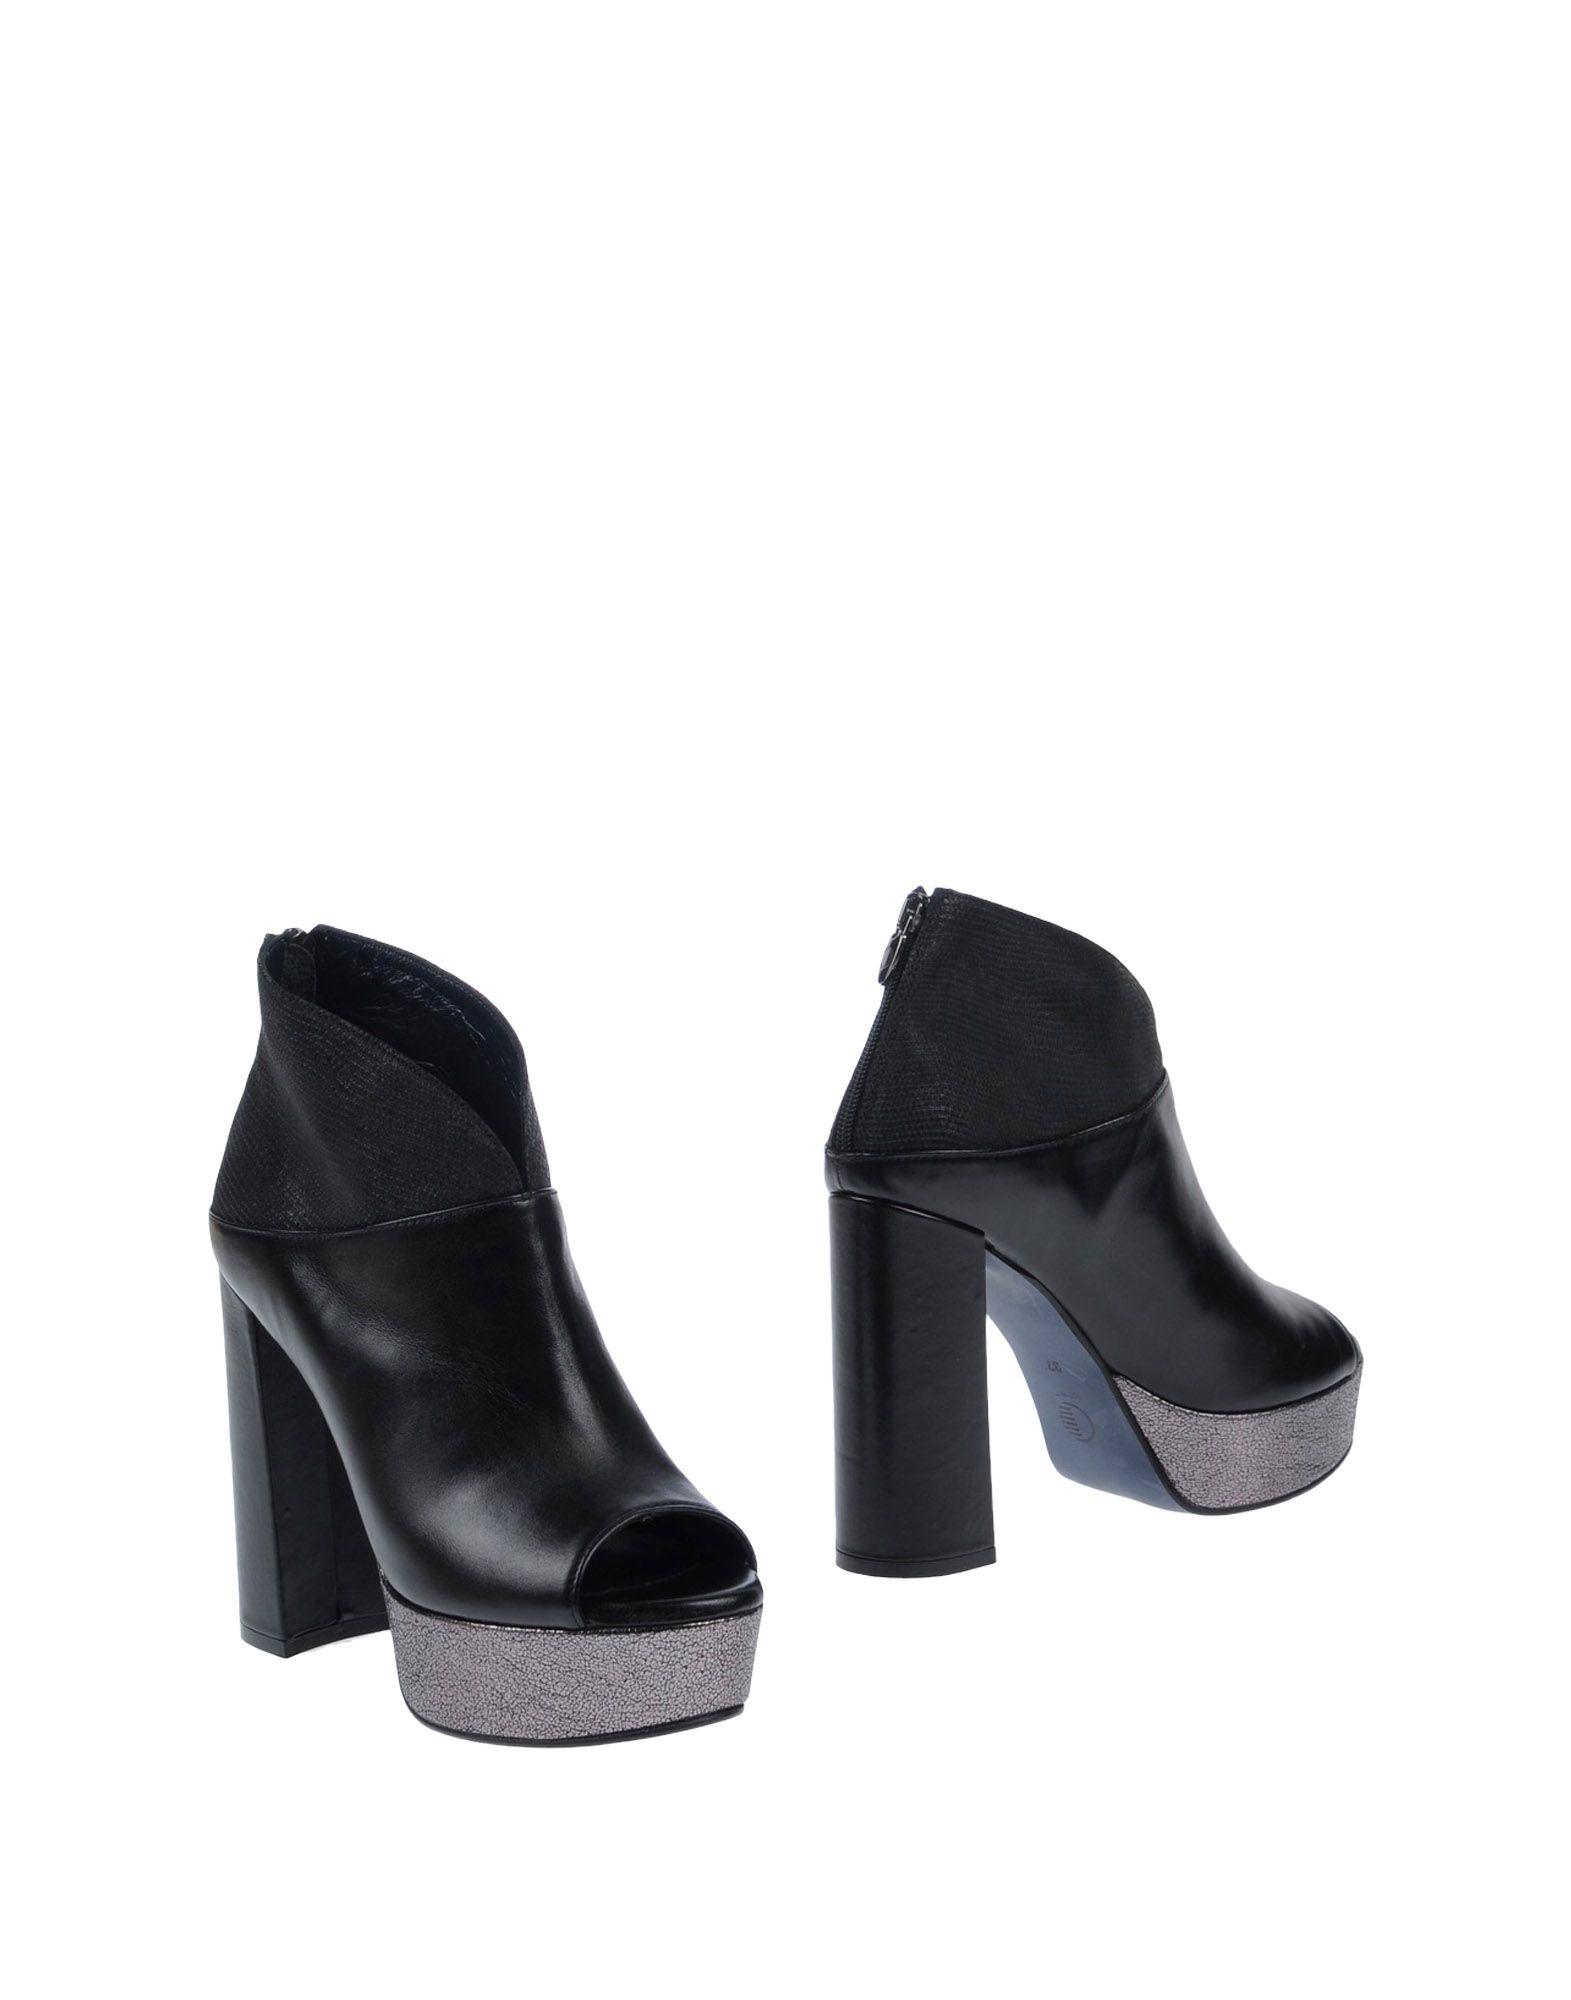 Andrea Pinto Stiefelette Neue Damen  11506397EC Neue Stiefelette Schuhe f067b4